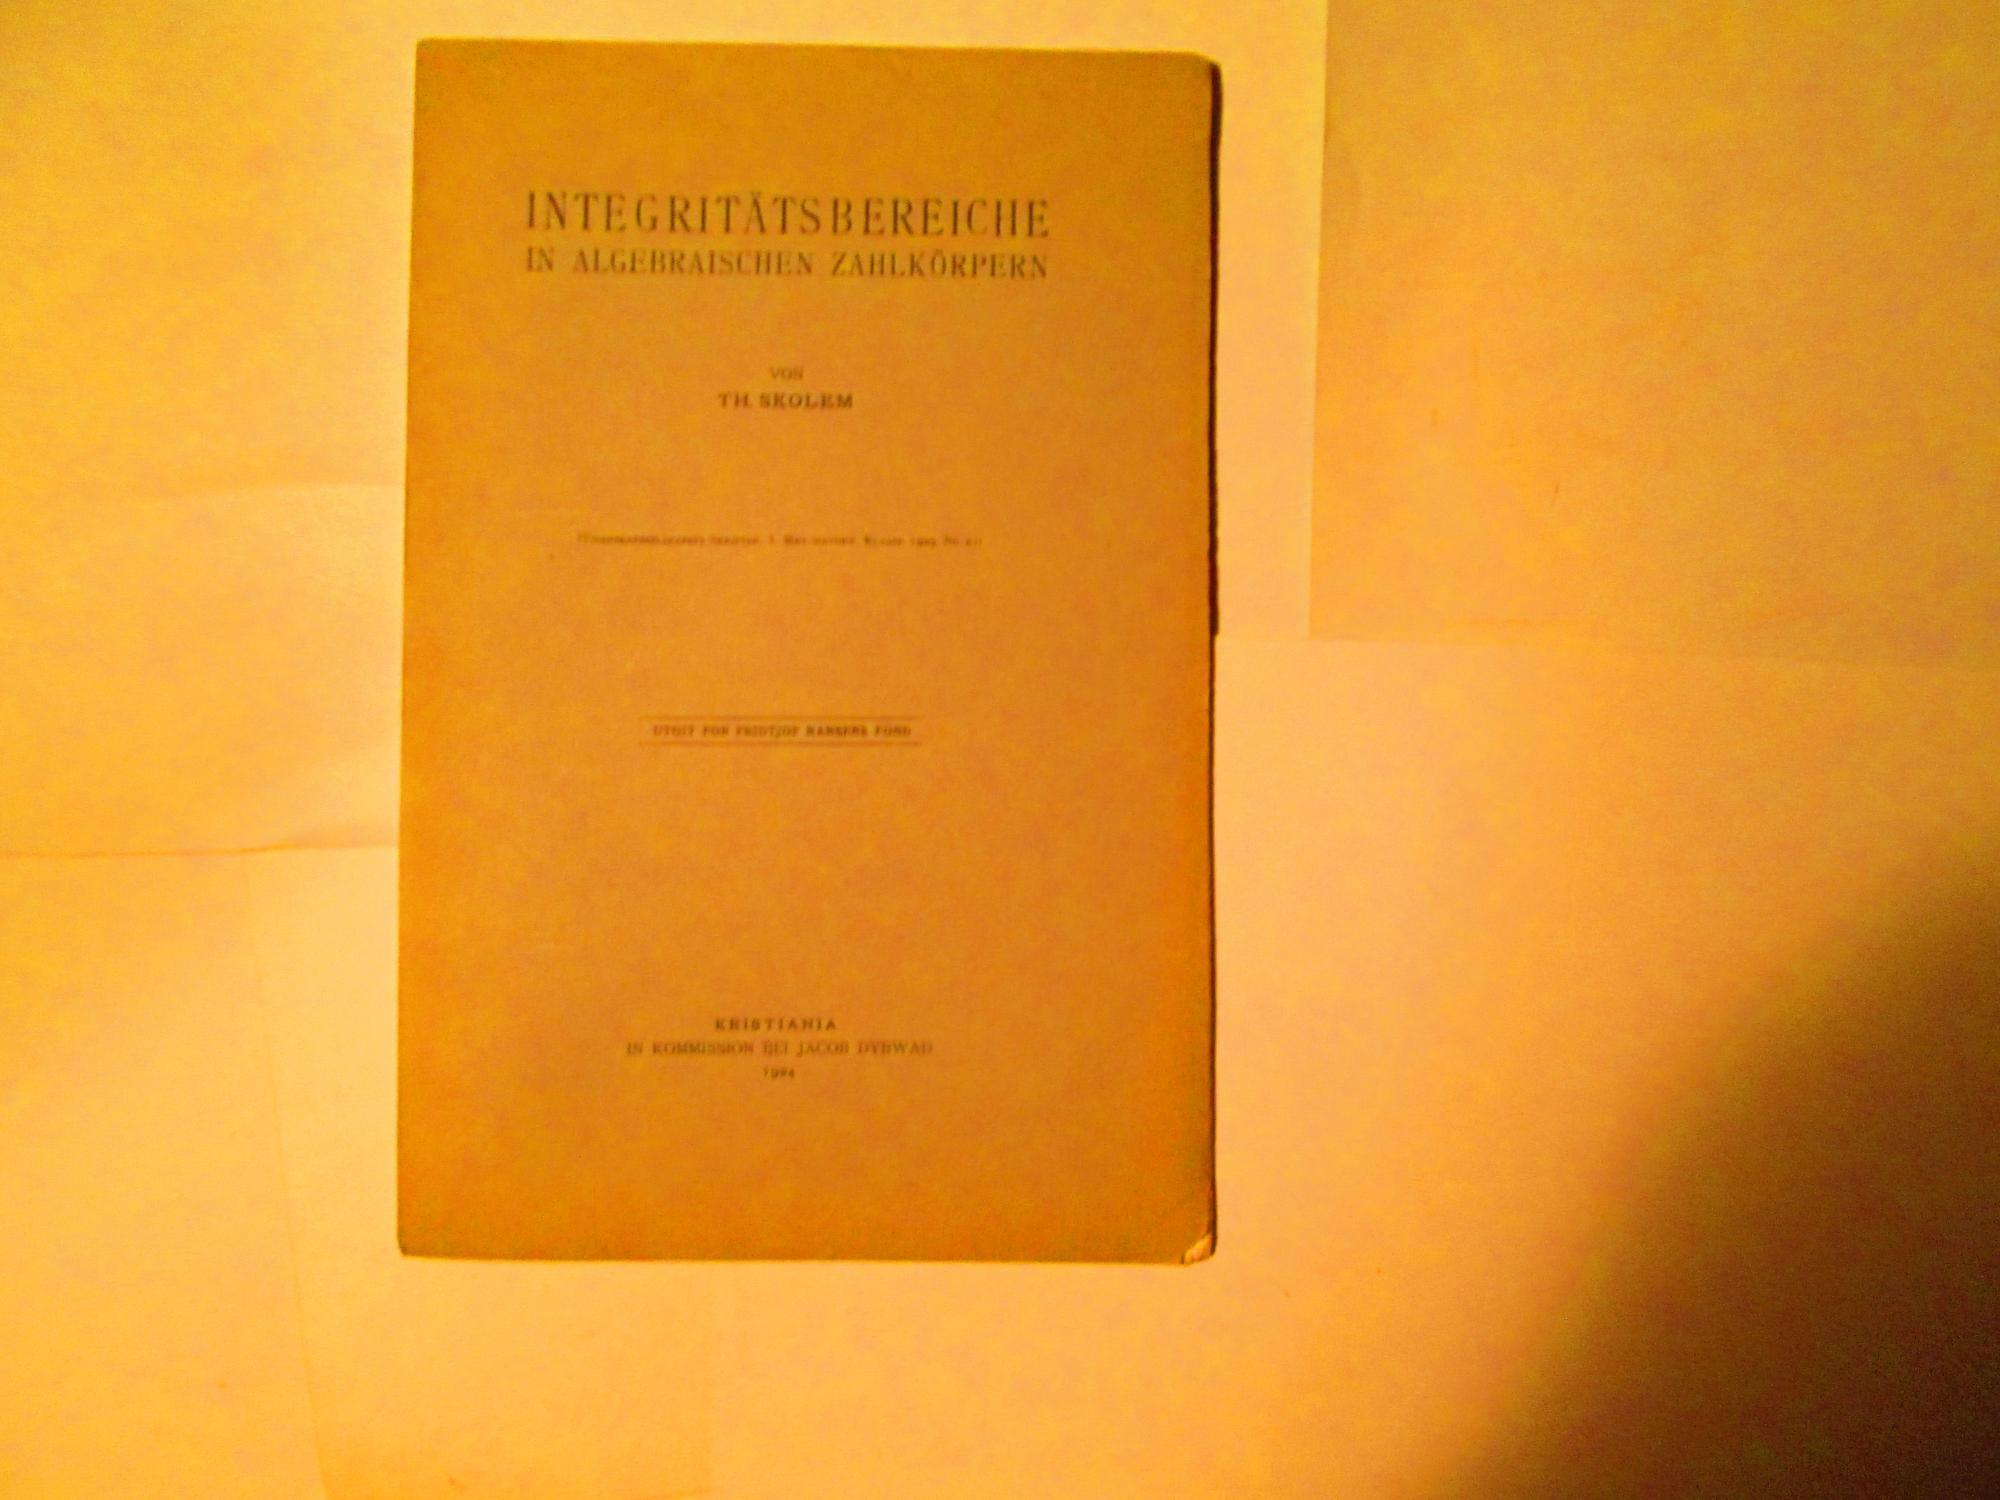 Vialibri ~ (1205813).....rare books from 1917